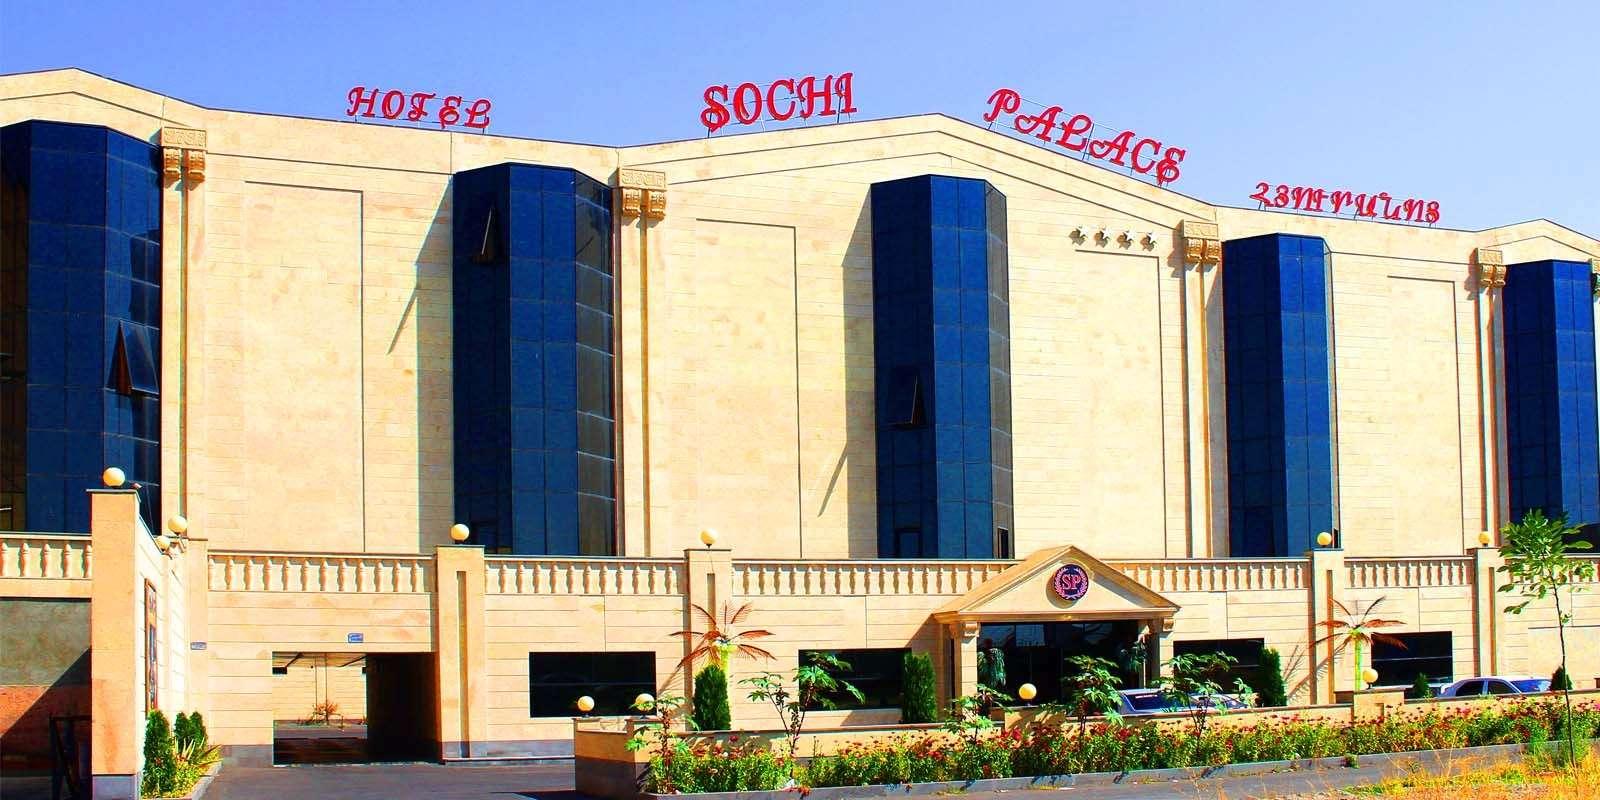 Sochi Palace Hotel